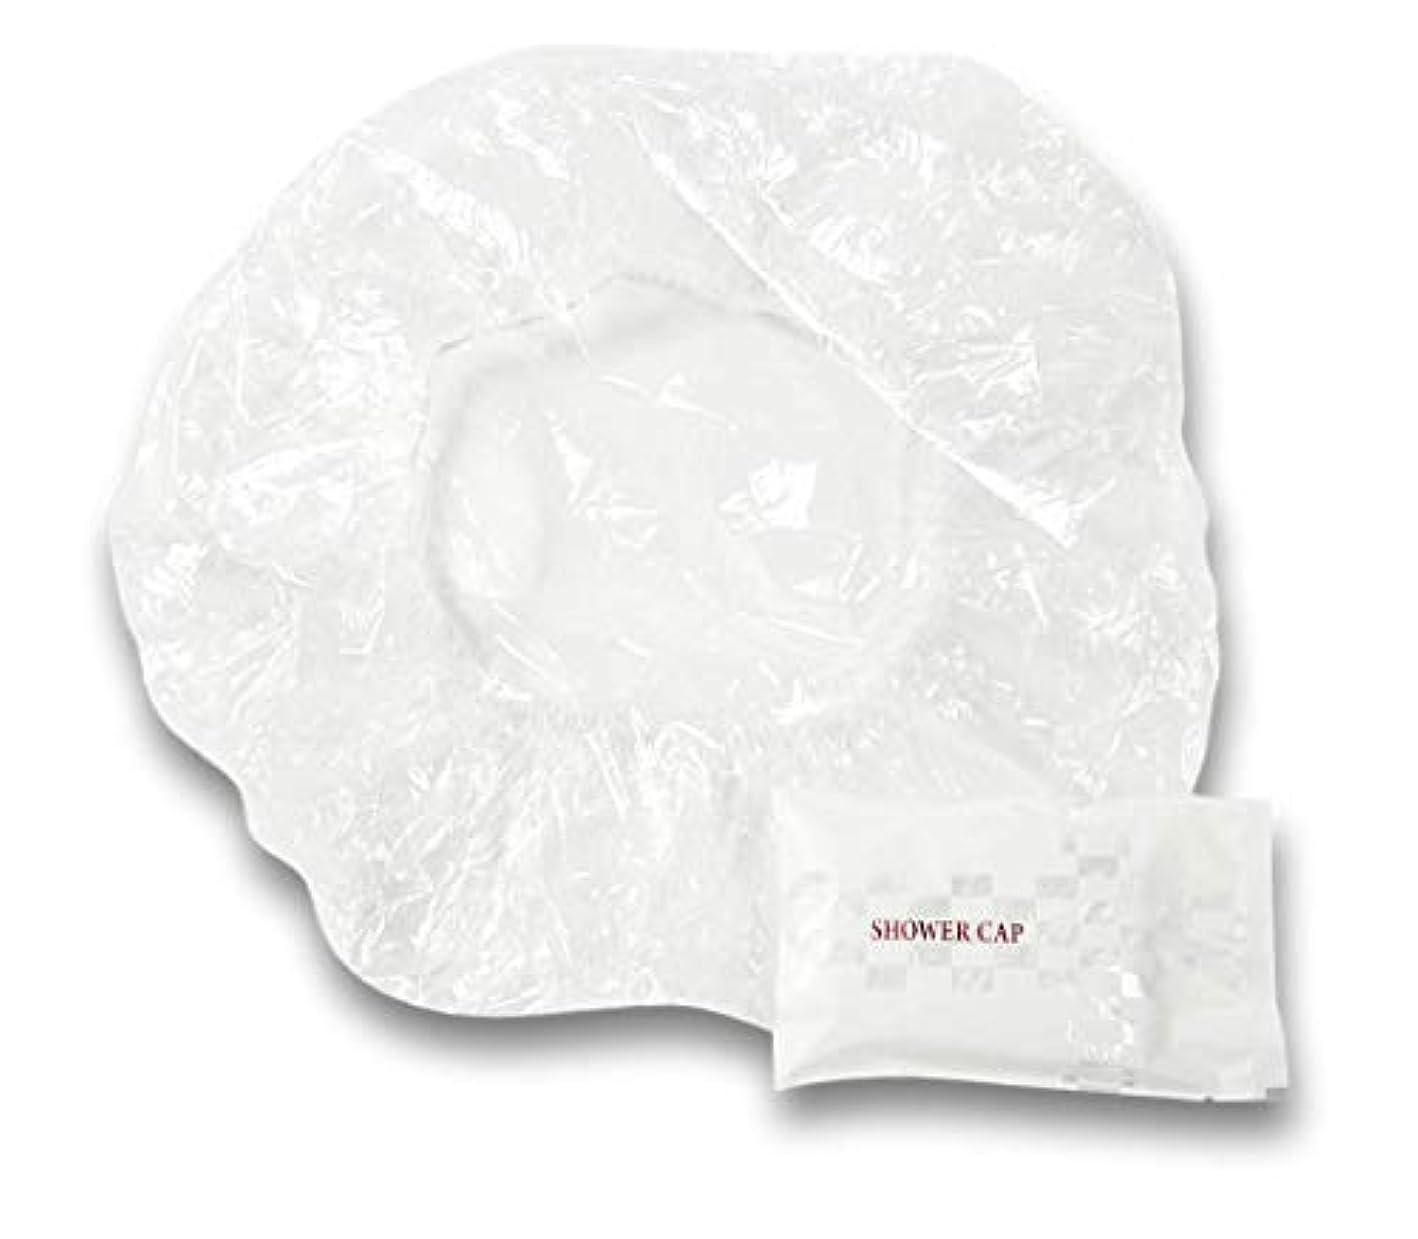 最高摩擦トレードラティス シャワーキャップ 業務用 個別包装100入り 使い捨てキャップ